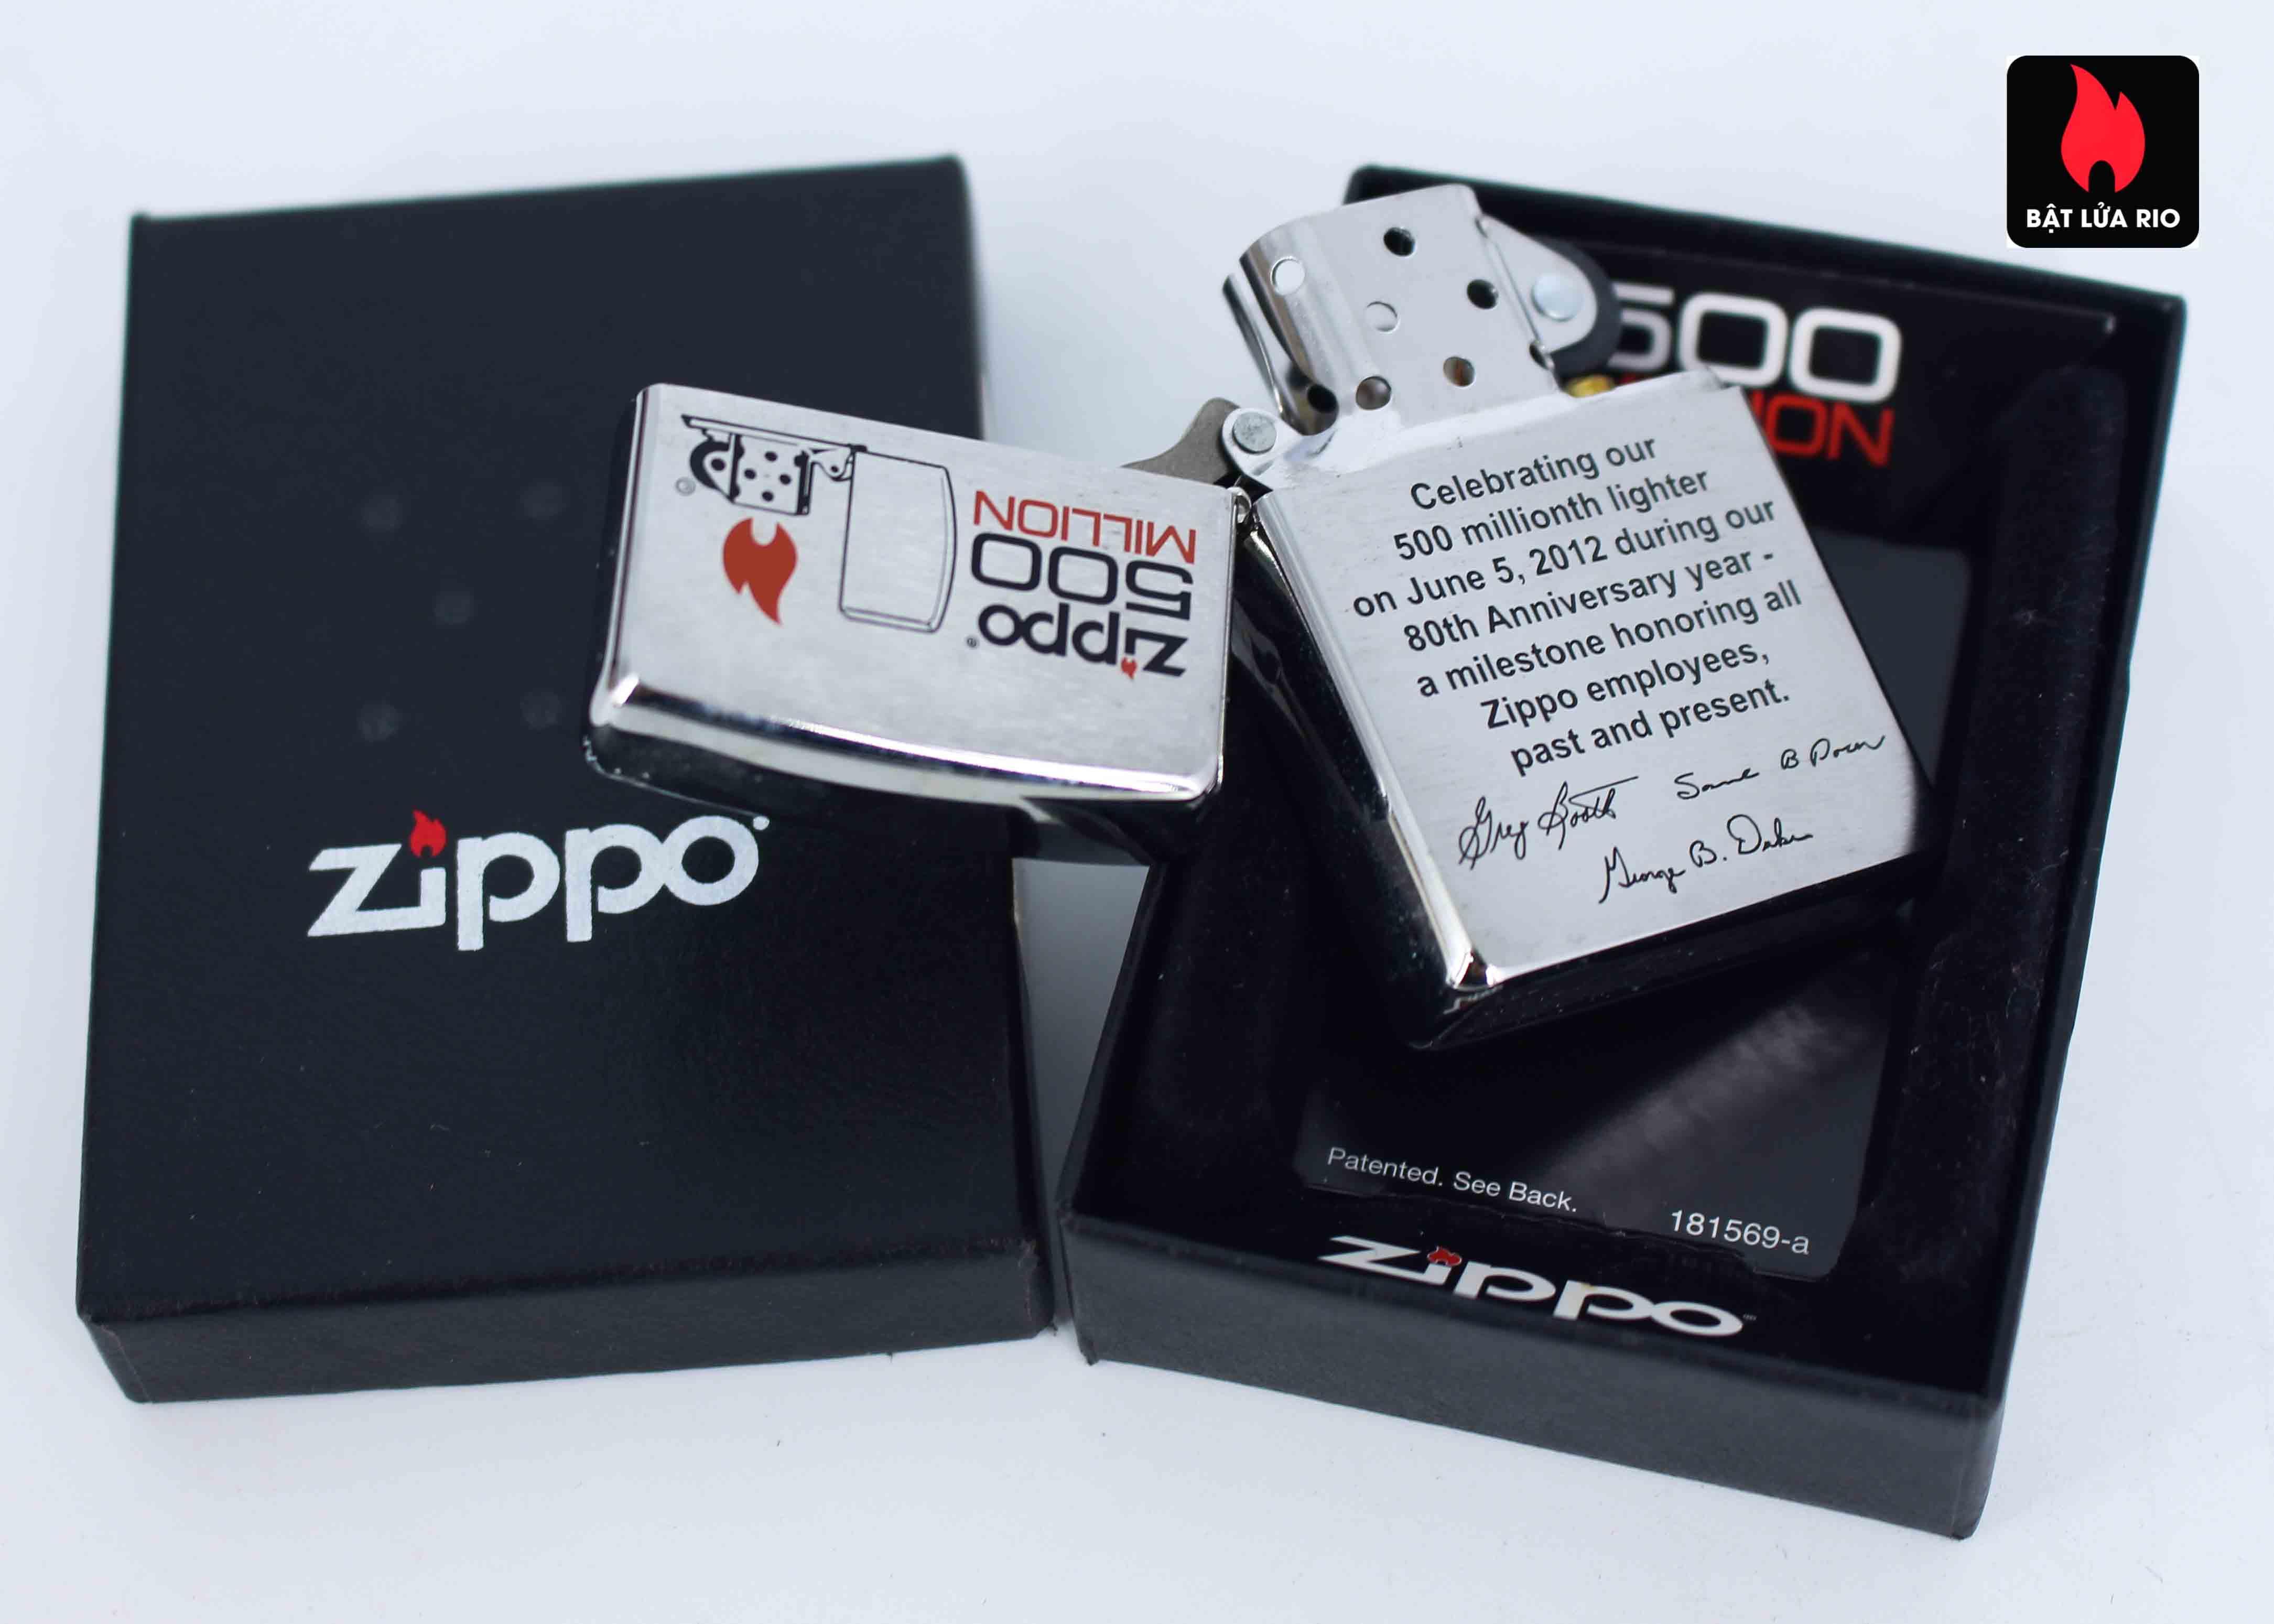 Zippo 2012 - 500 Million - Employee - Tina Dunkle 2